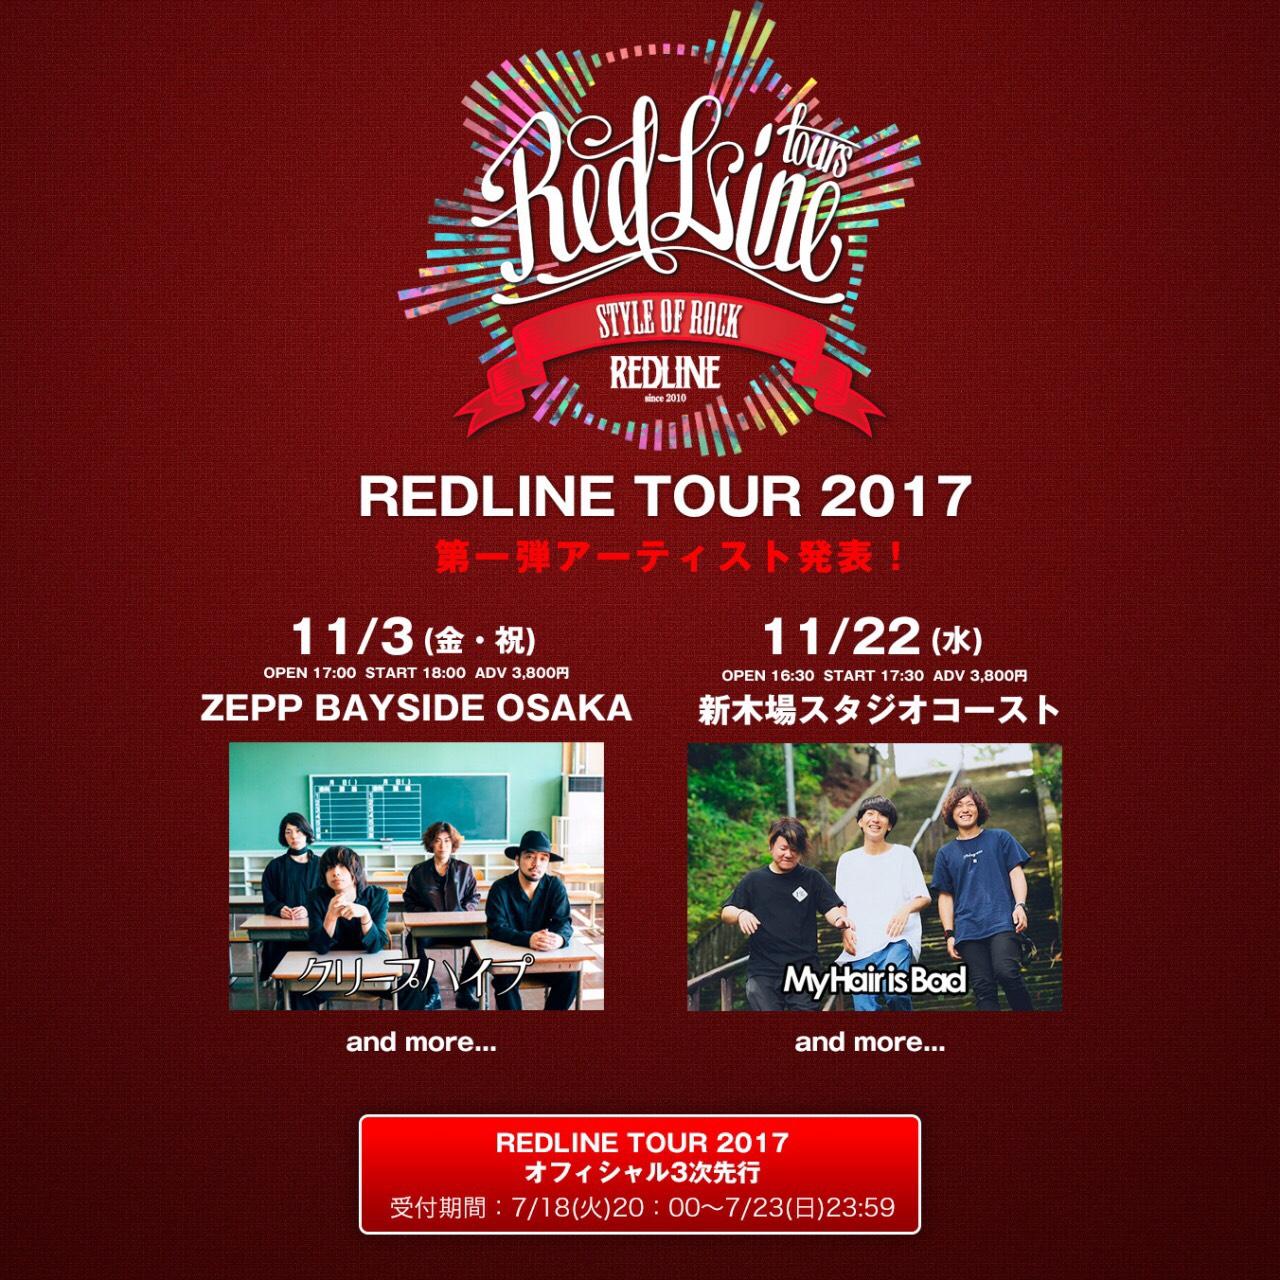 イベント・REDLINE TOUR 2017、アーティスト第一弾にクリープ、マイヘアが出演!